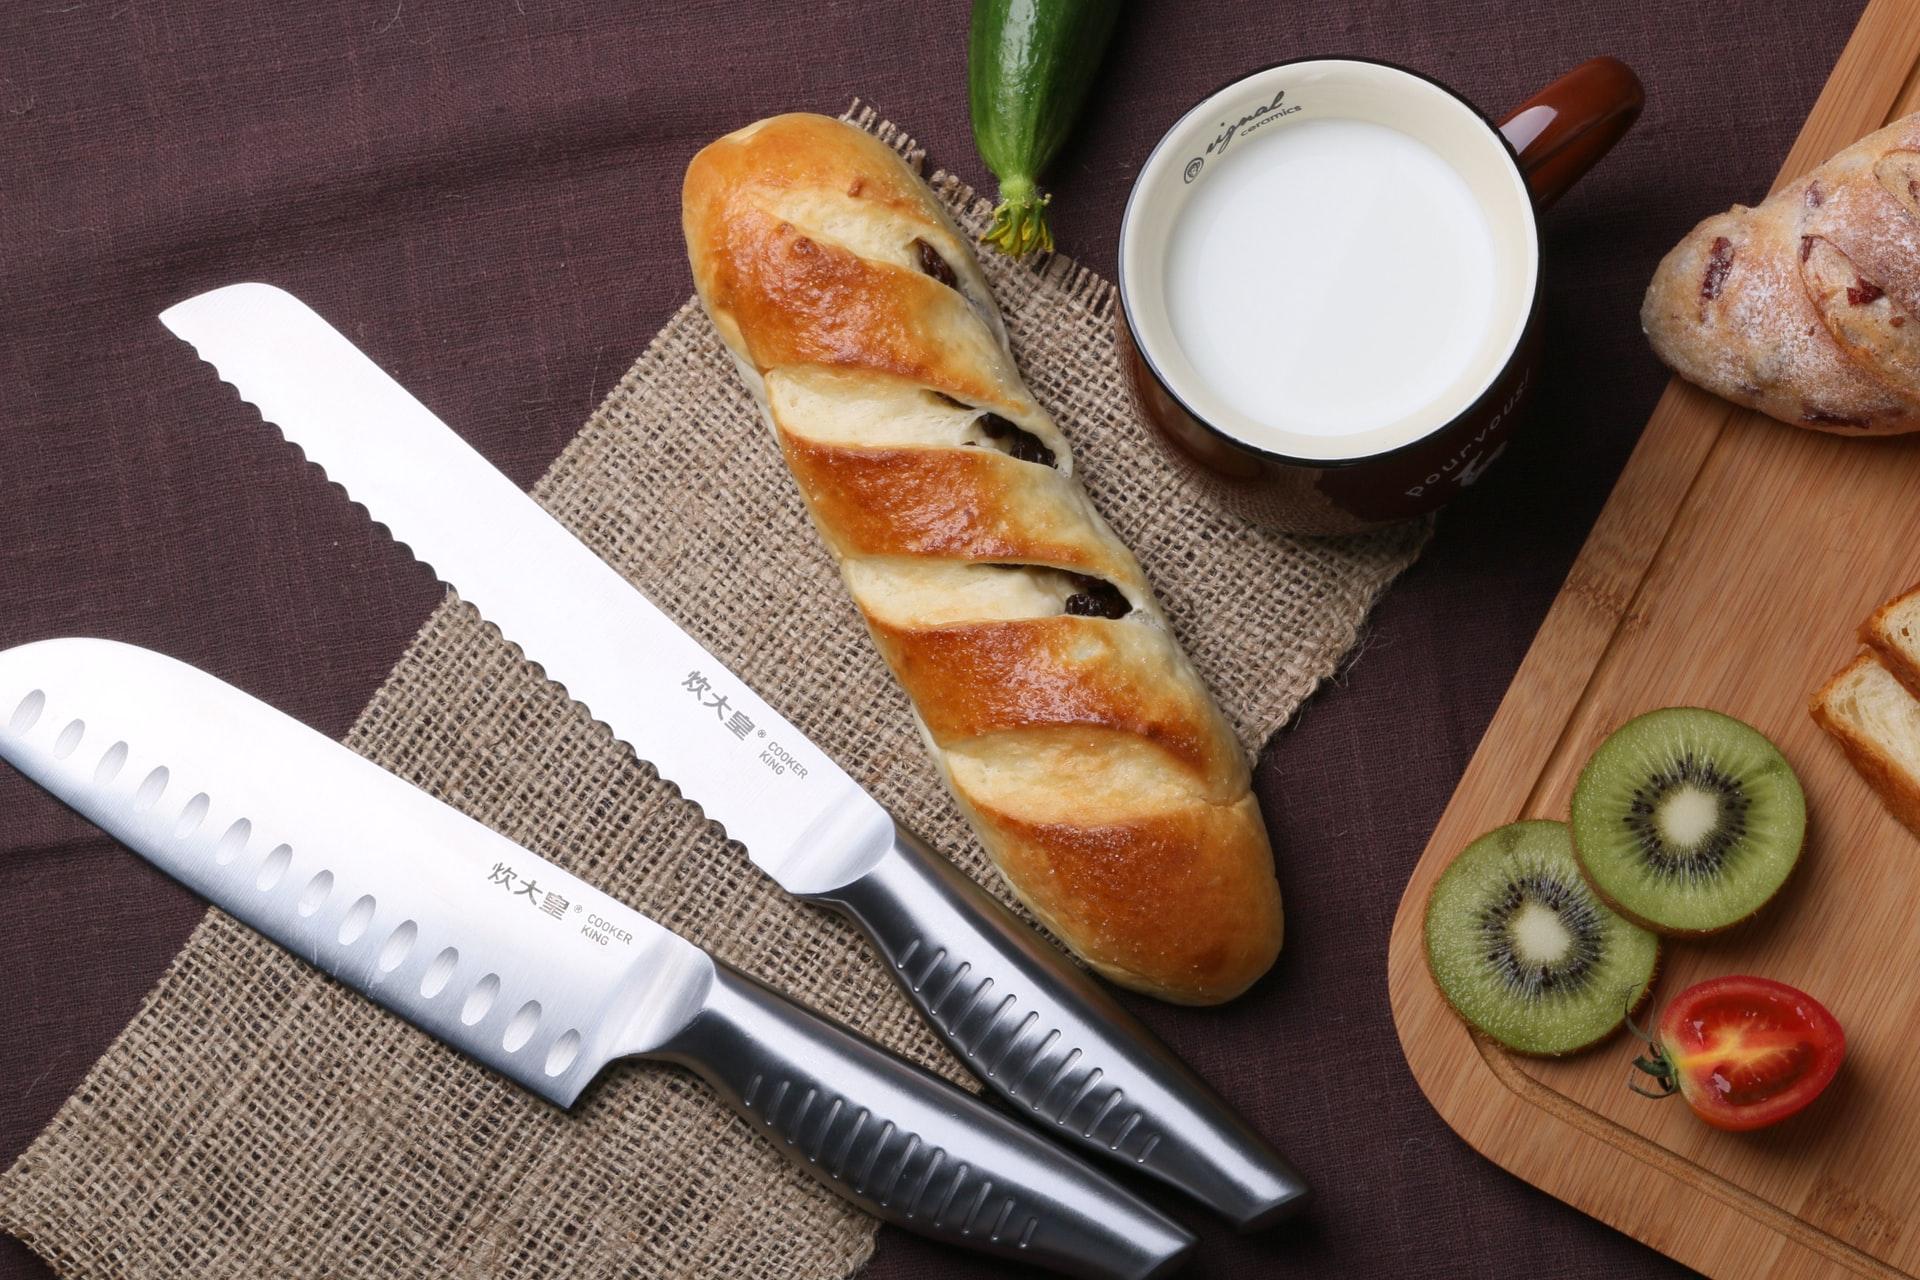 Jak vybrat nůž do kuchyně?